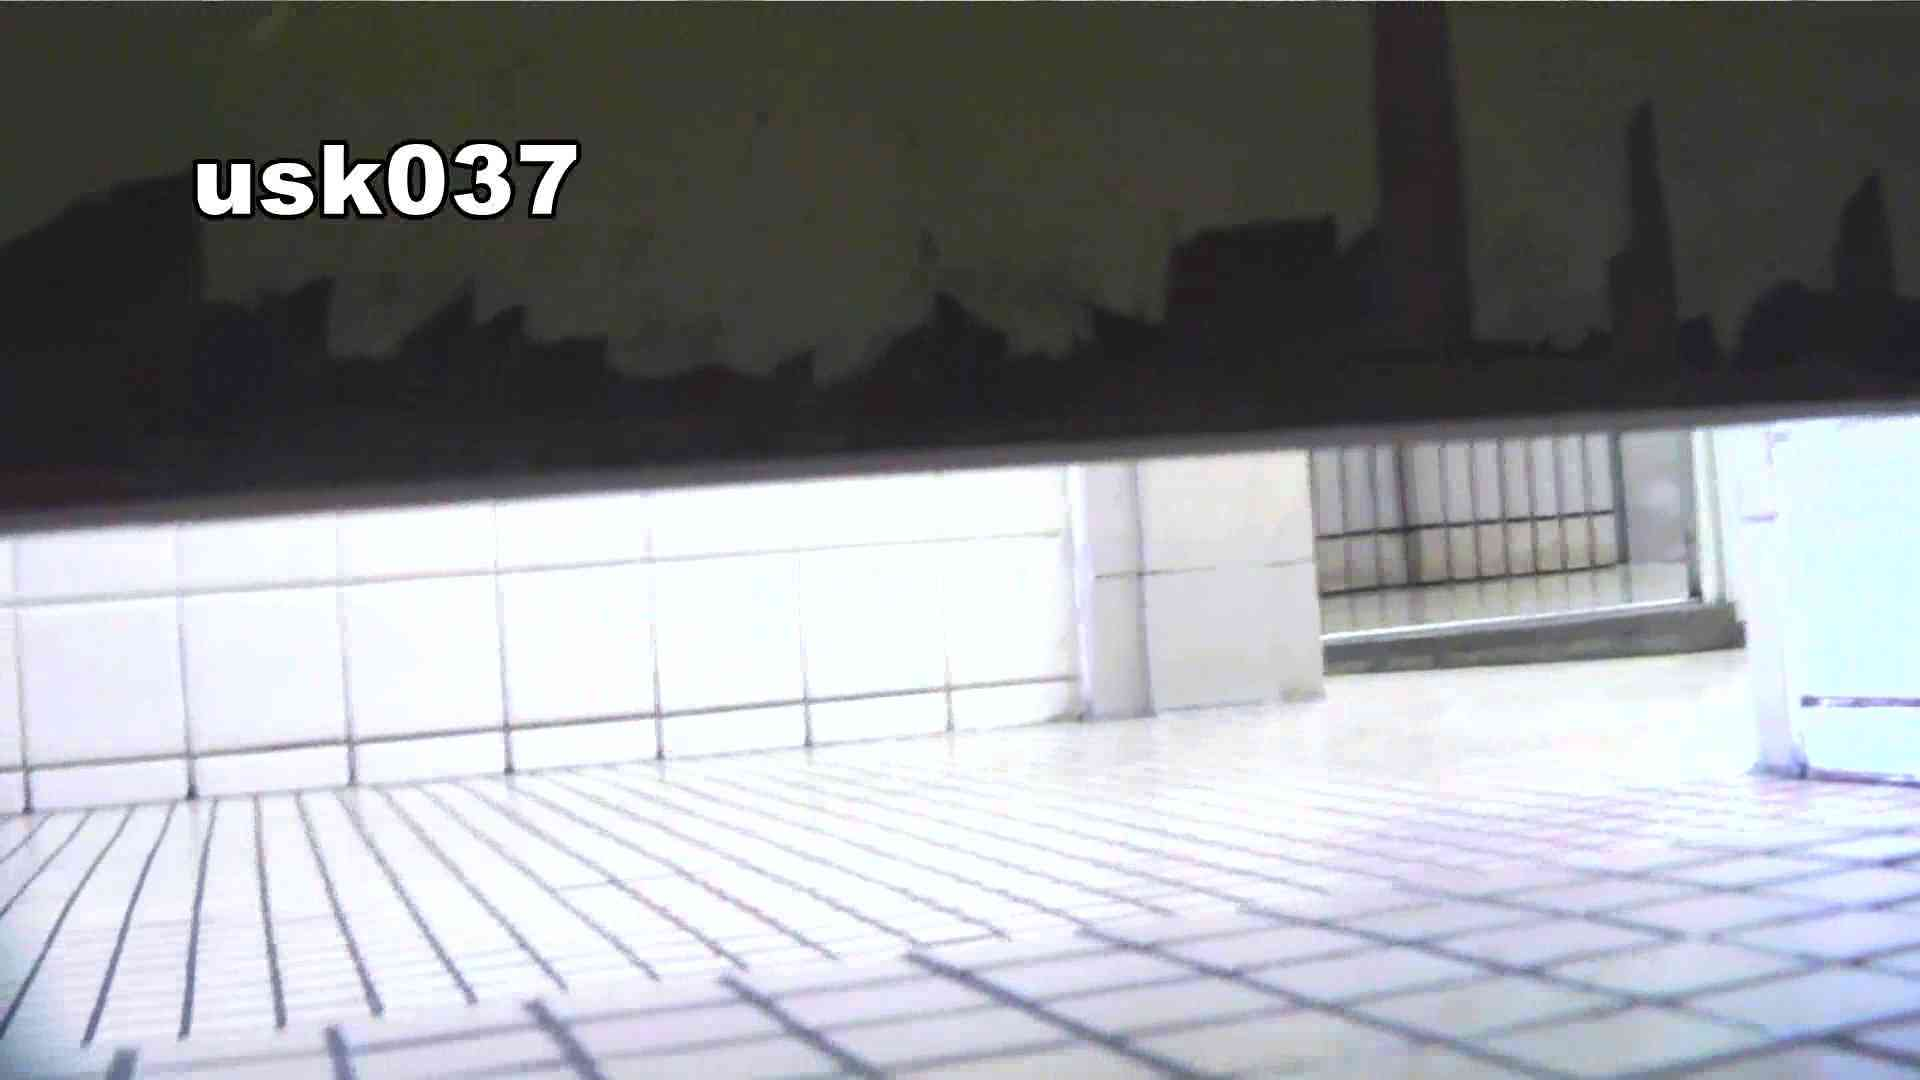 【美しき個室な世界】 vol.037 ひねり出す様子(フトイです) 洗面所  73PIX 46